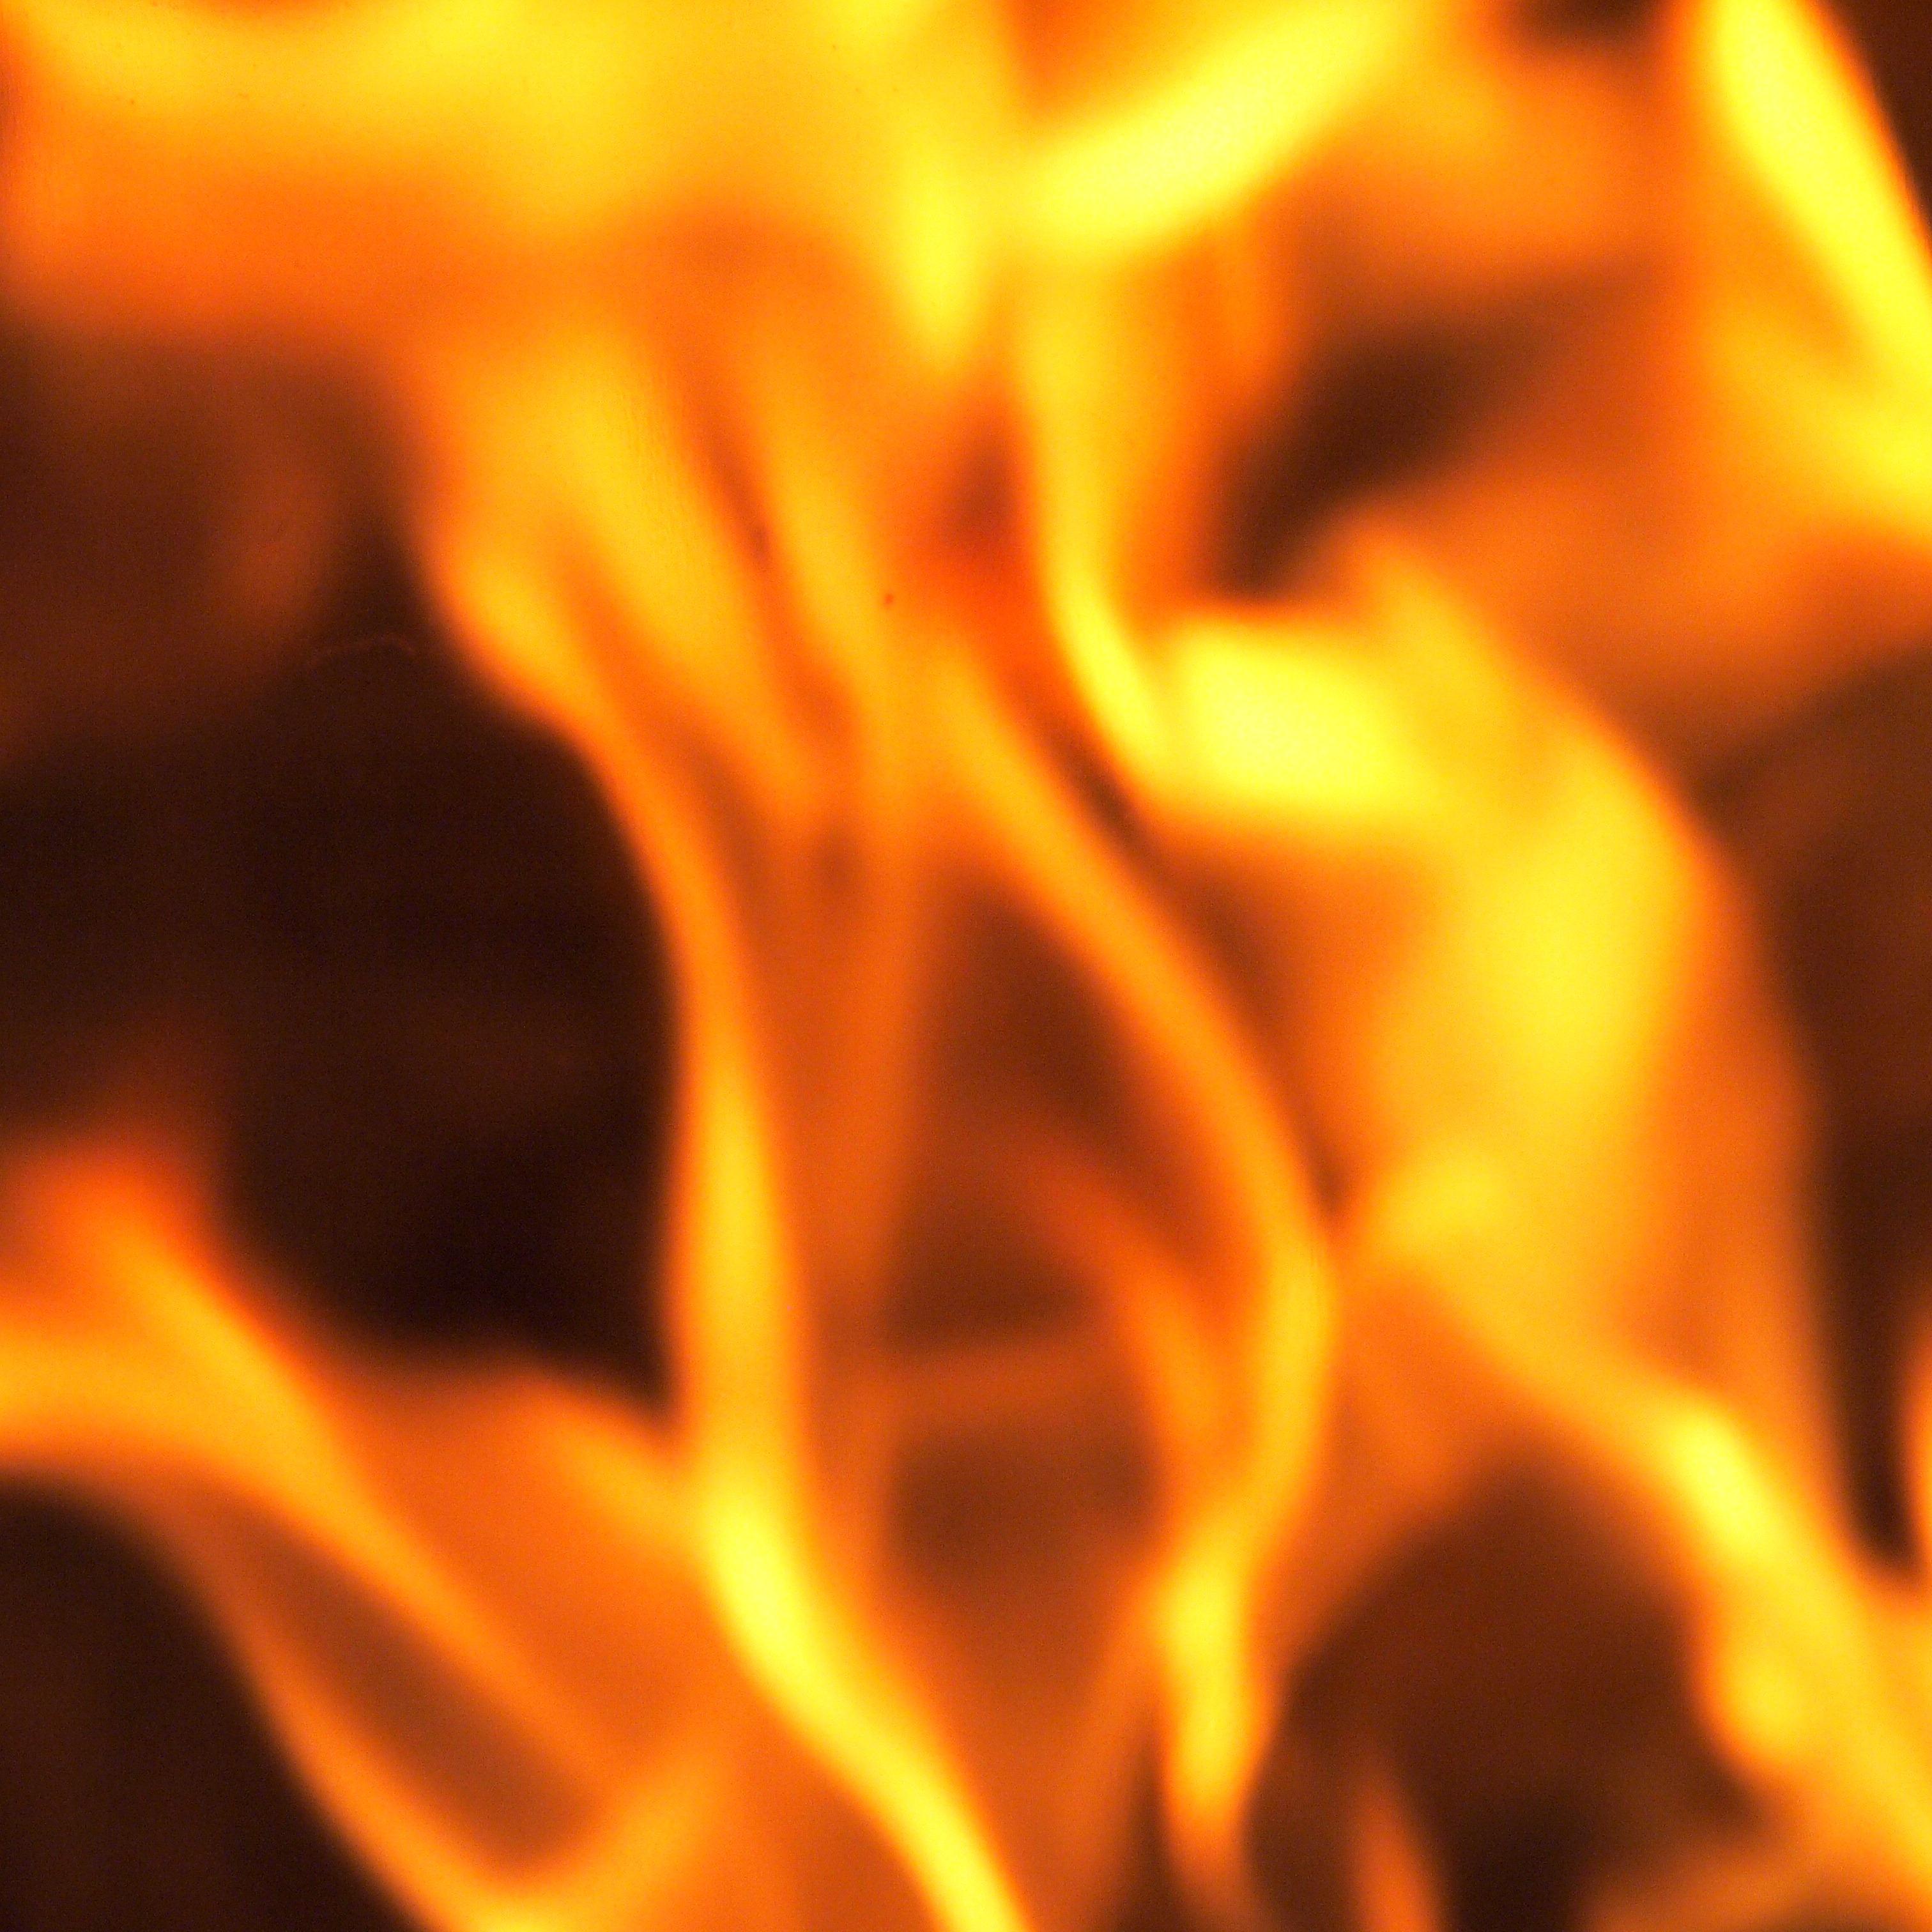 manches brennt ein  Leben lang- aber brennt nie ab ...